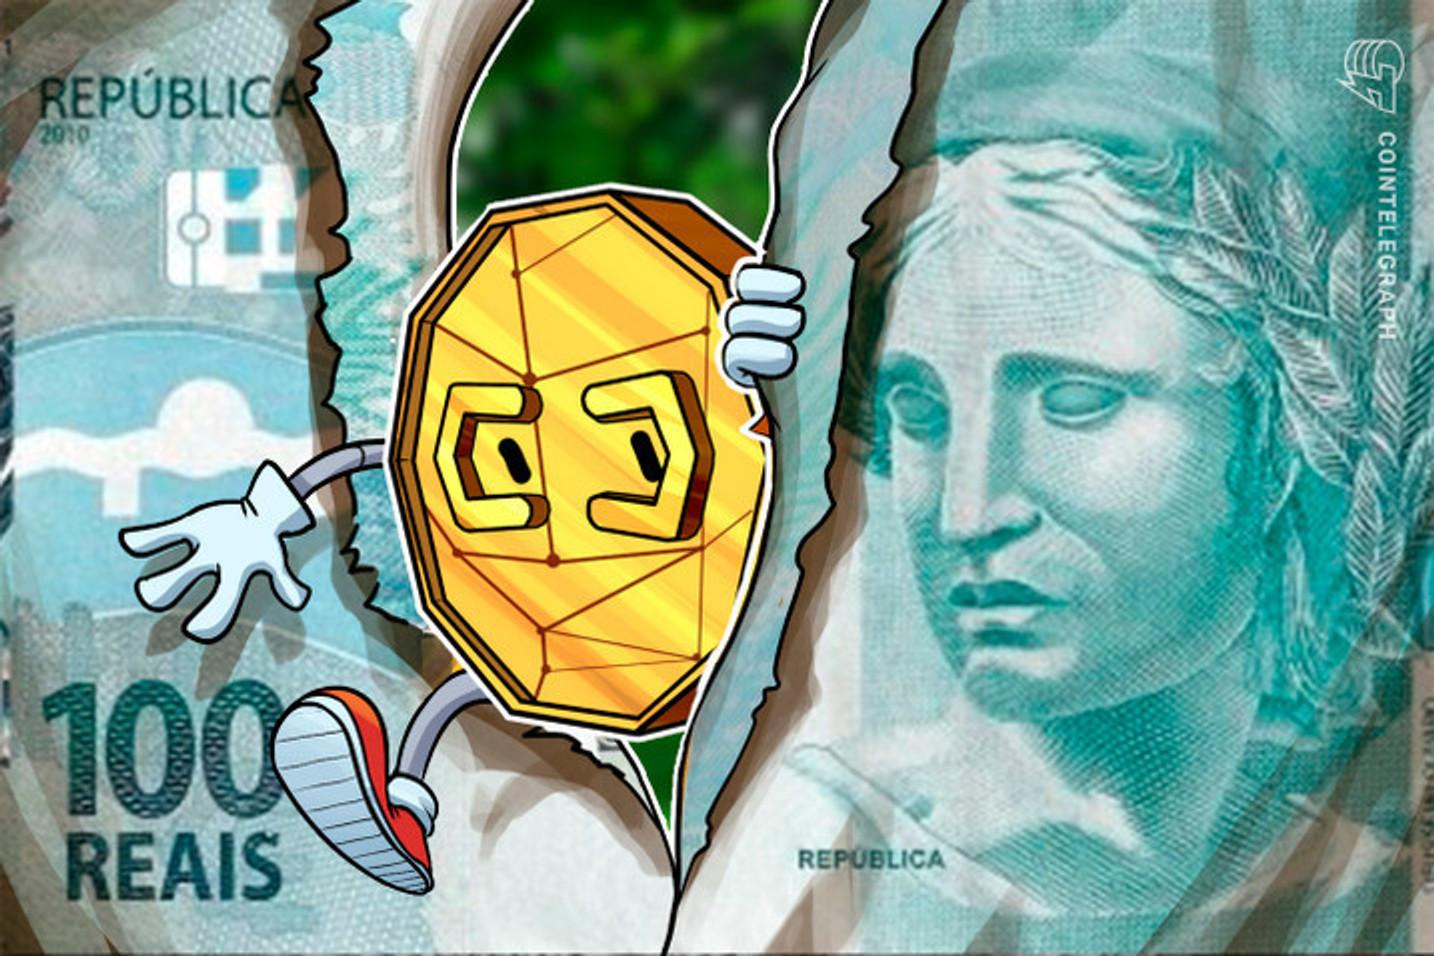 Novos tempos: Confira se é melhor investir em criptomoedas em Banco tradicional ou em corretora ligada a Bolsa de Valores, B3